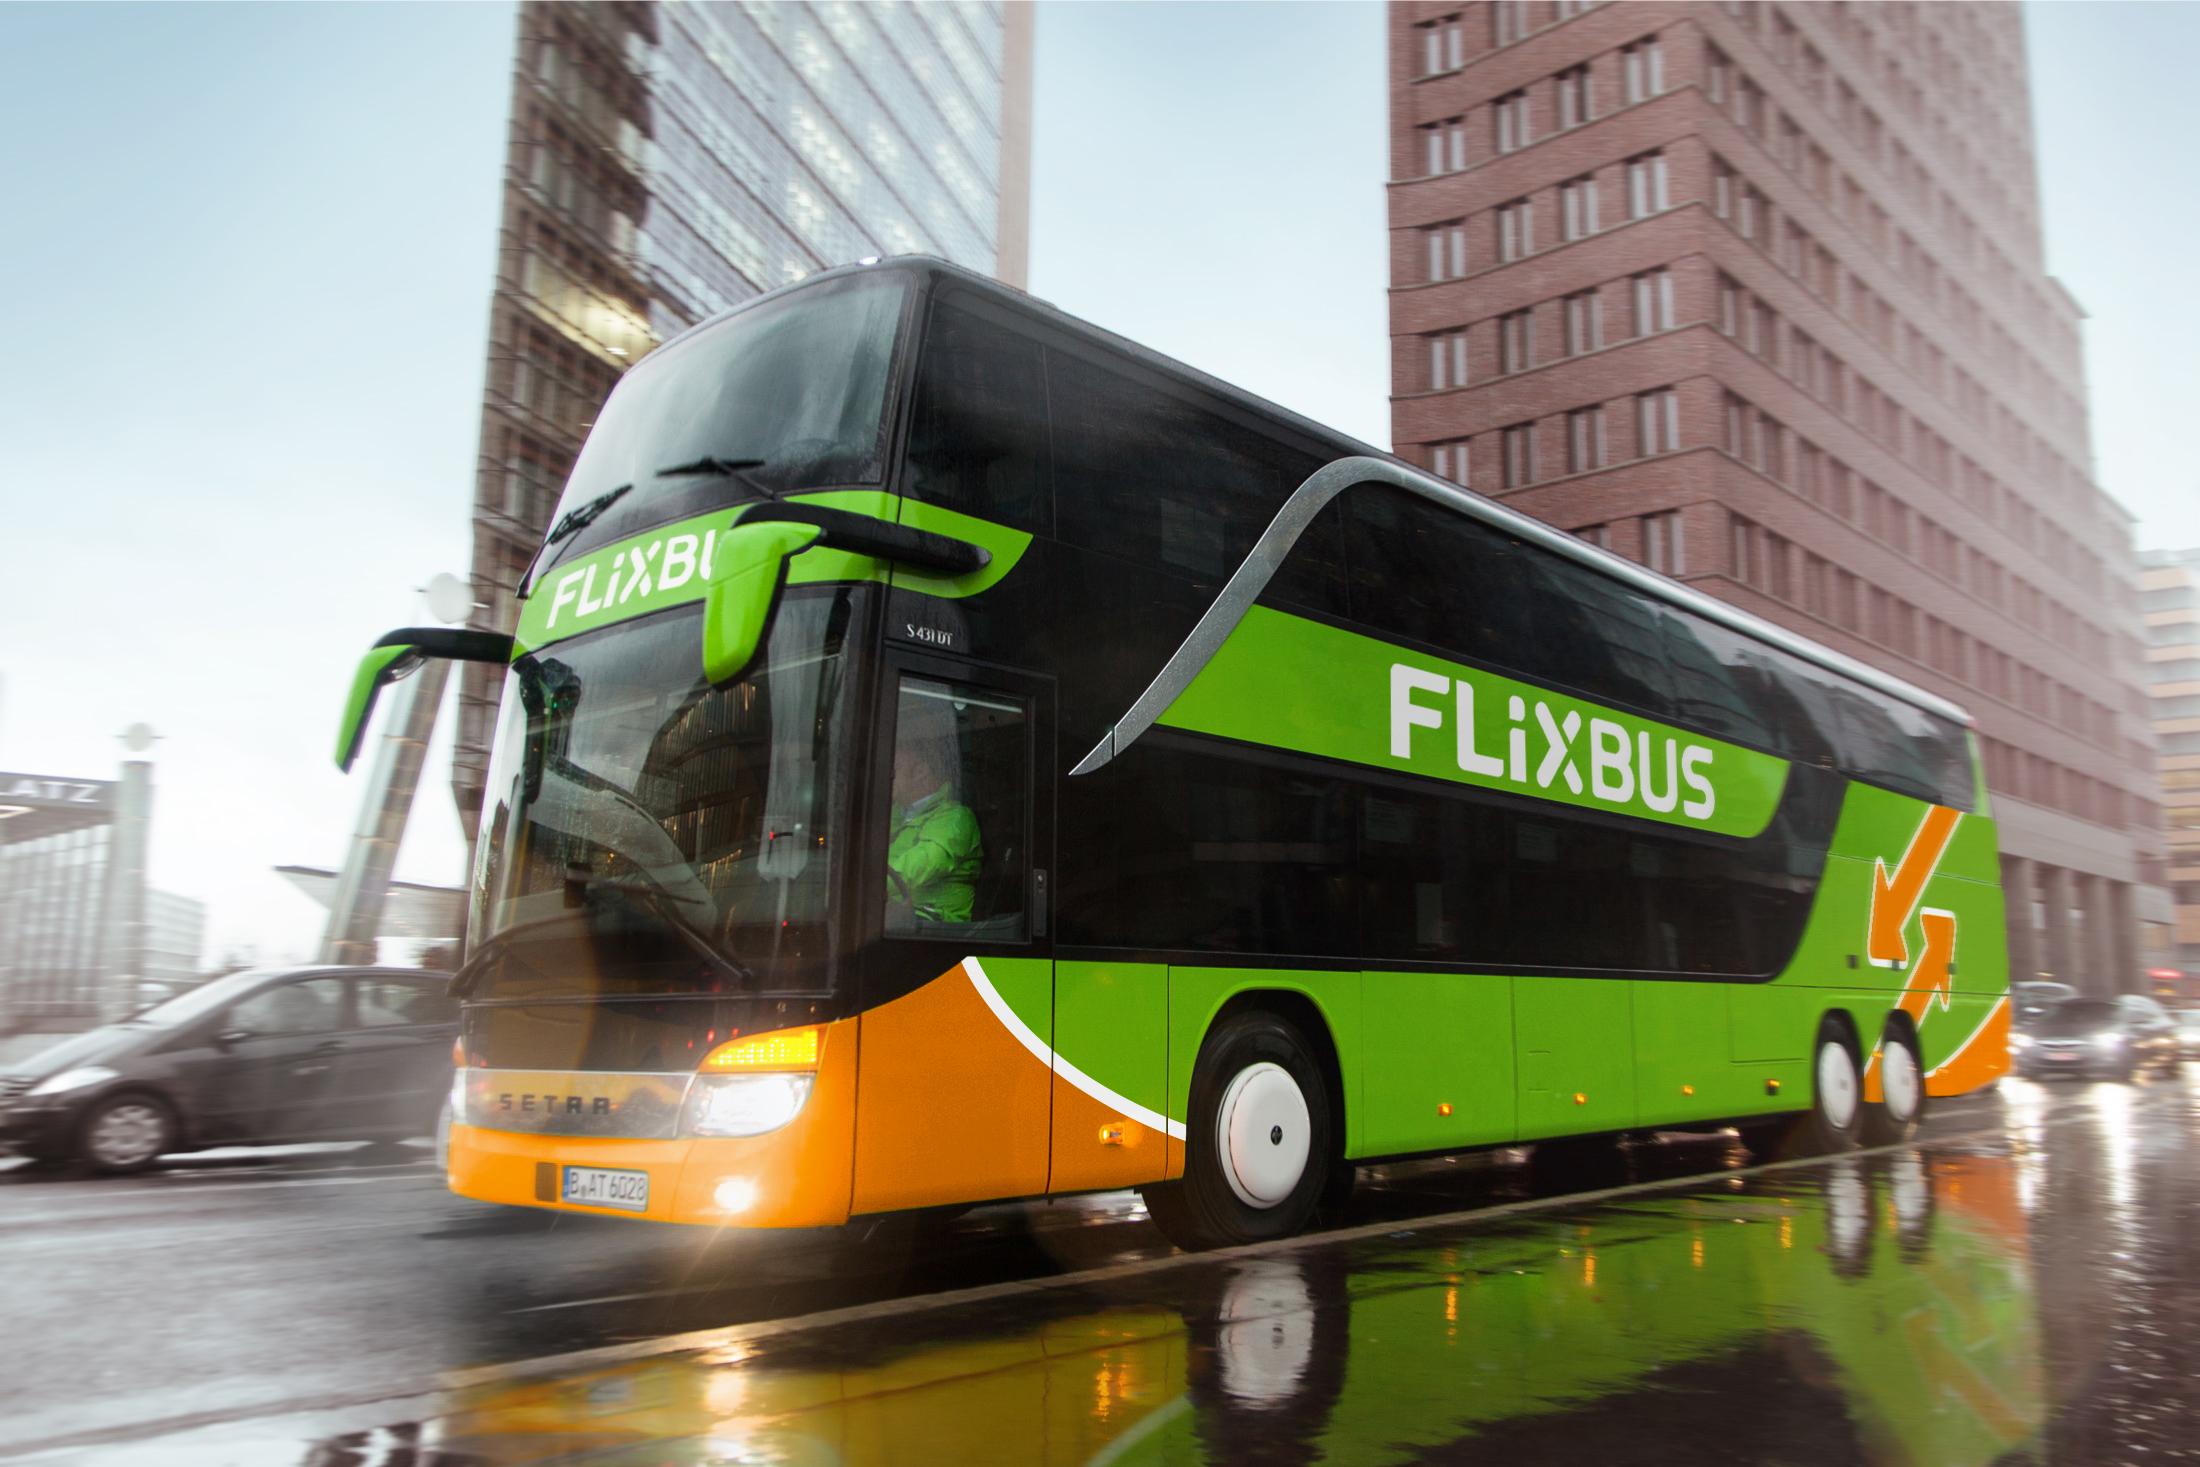 Flixbus Amsterdam - Lille - Parijs €7,98, Amsterdam - Parijs €9,99